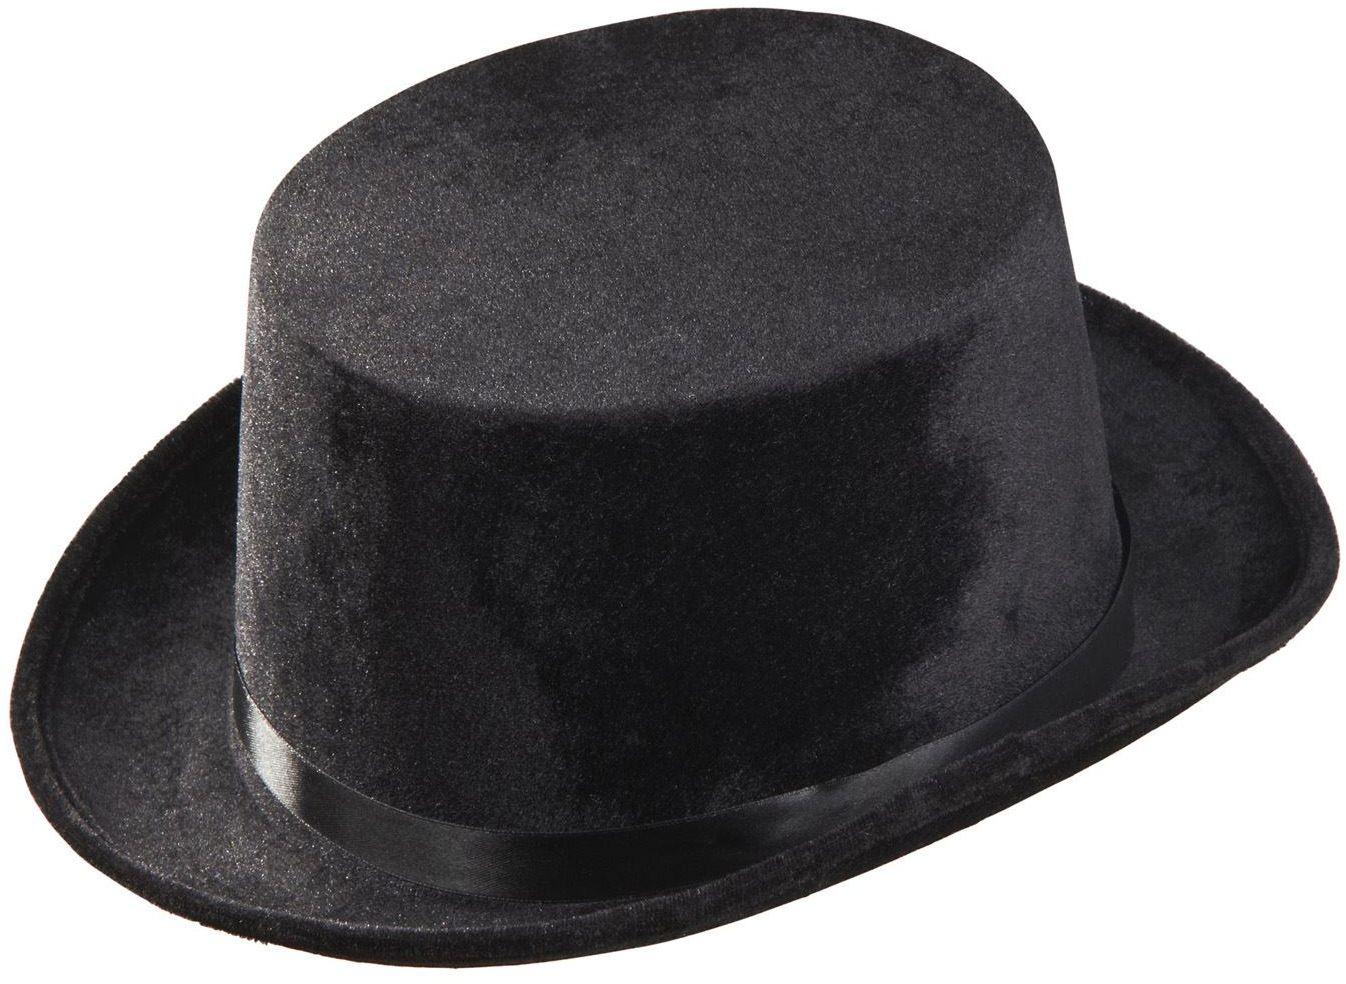 Zwarte fluwelen hoge hoed